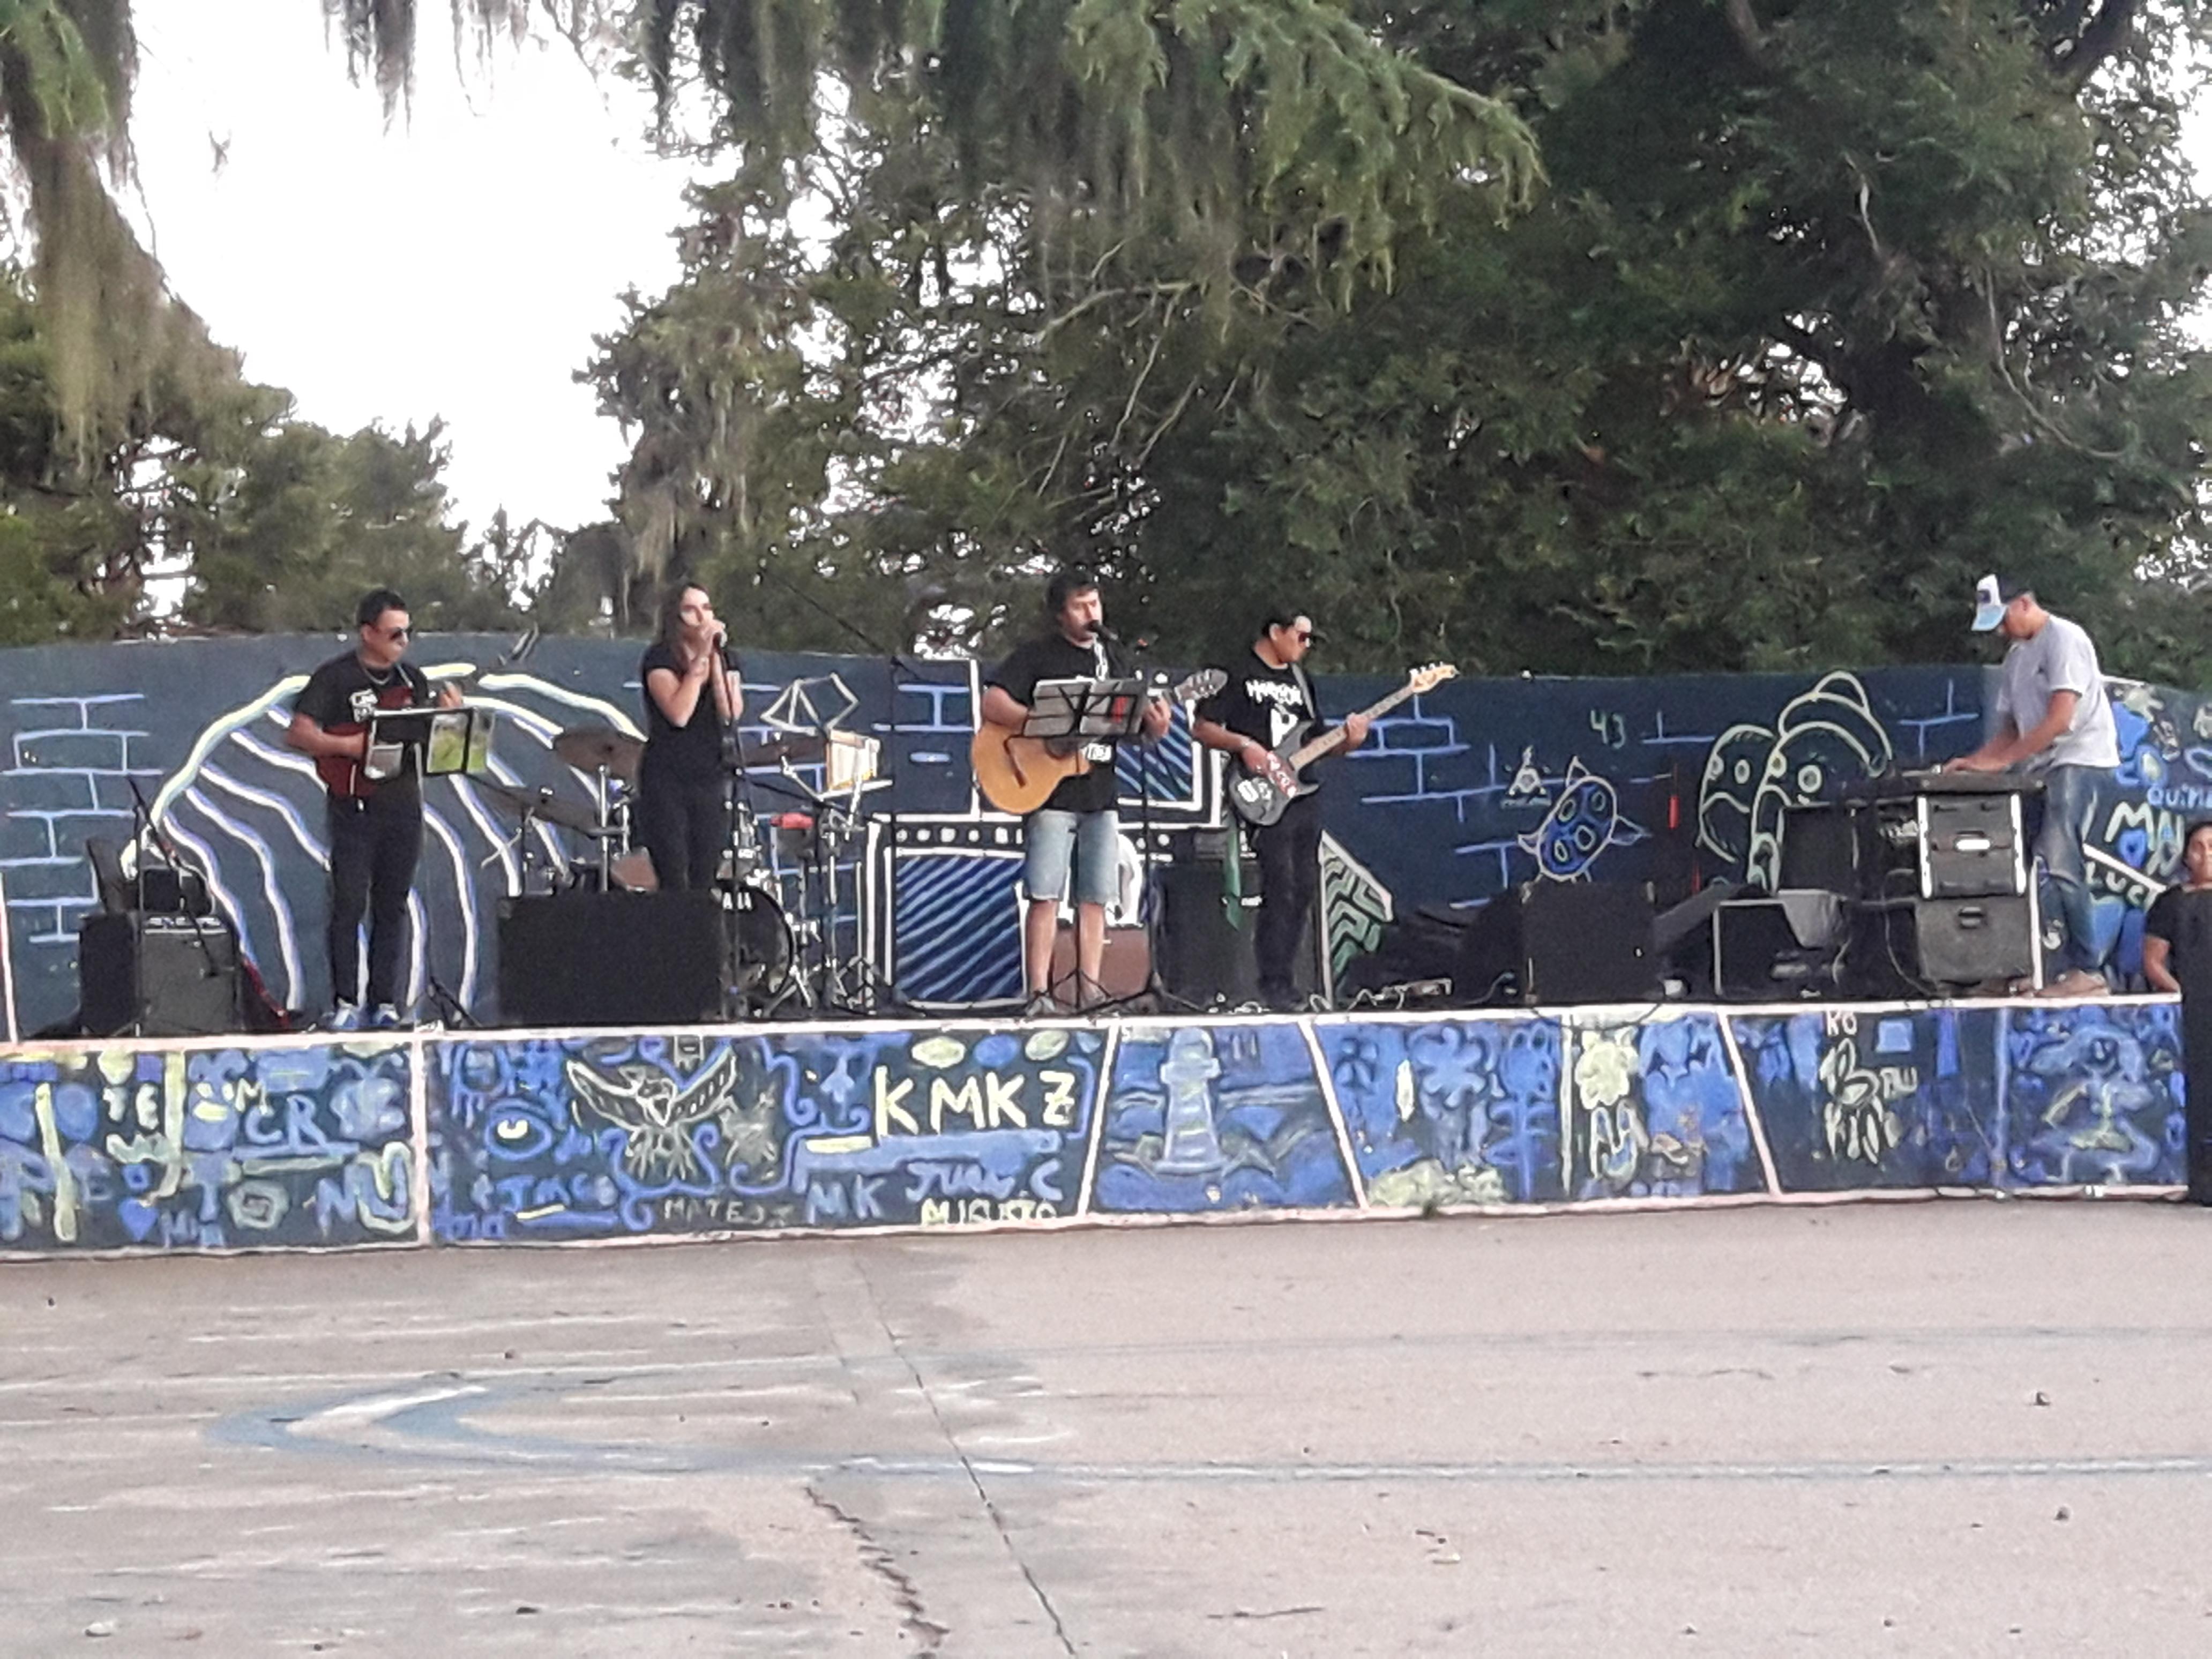 La Dirección de Cultura de la Municipalidad de Colón invita a la Jornada de Música que se desarrollará este domingo 19 de mayo a partir de las 17 horas.